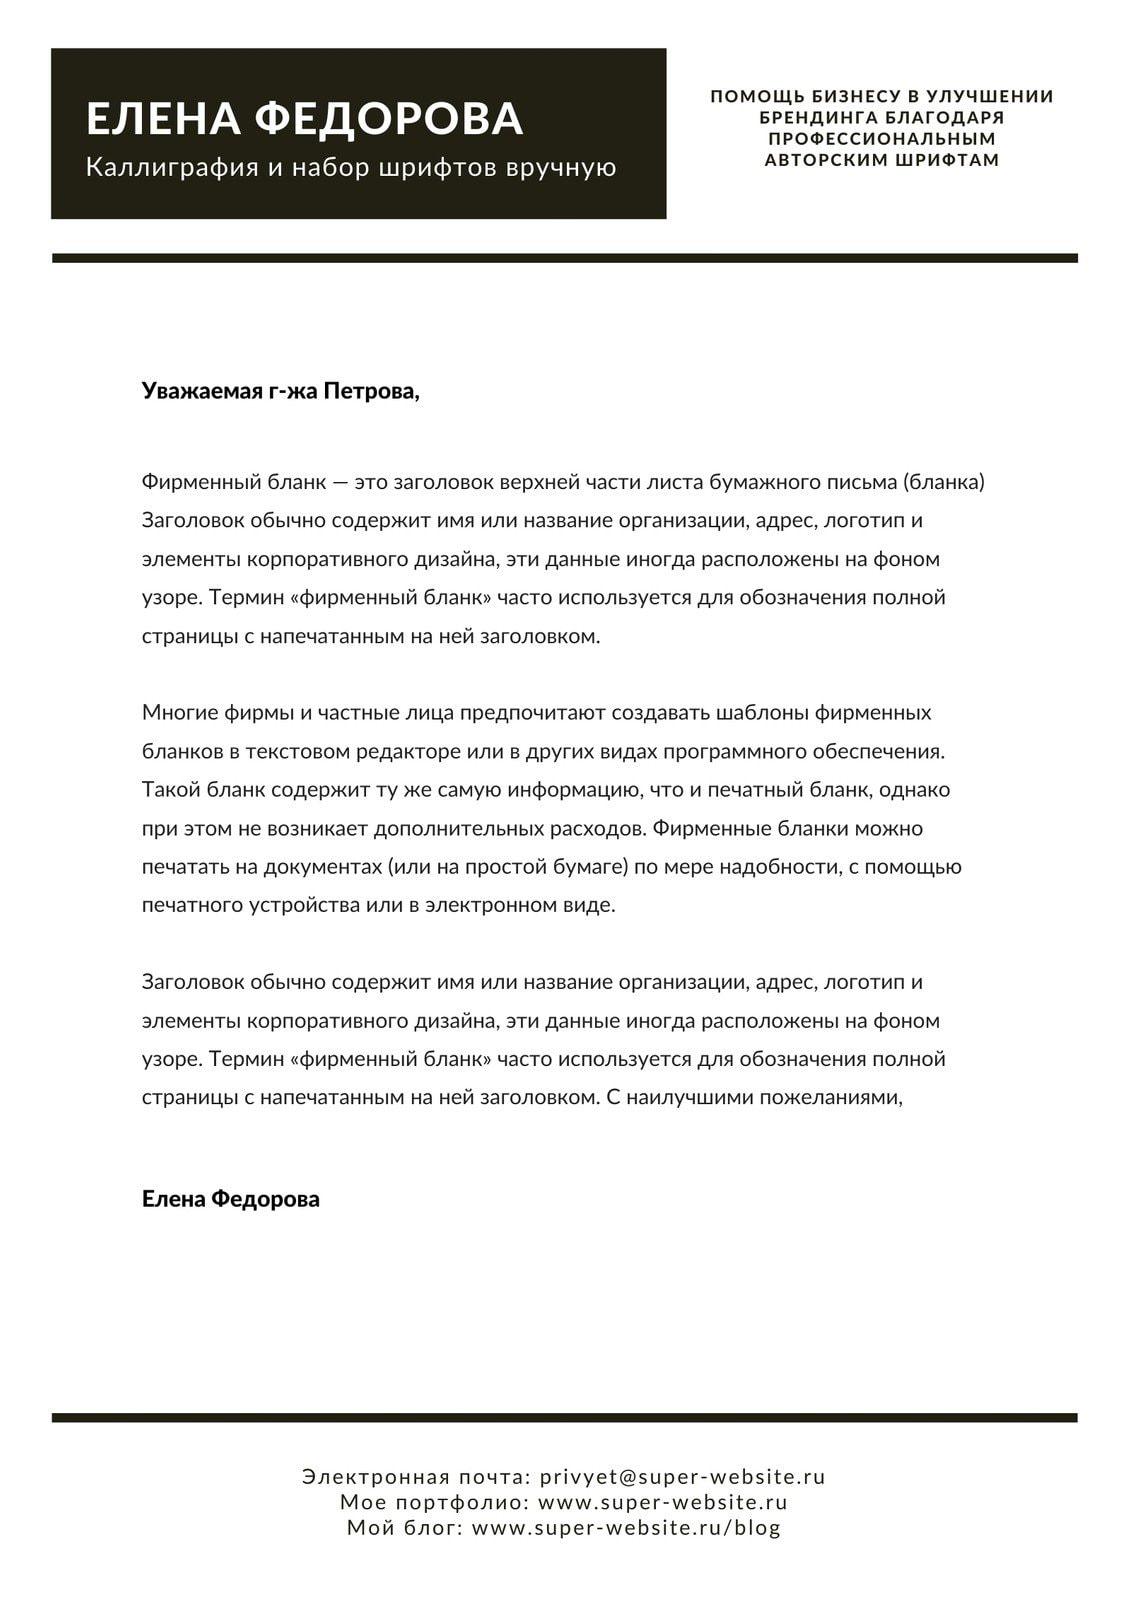 Черно-Белый Минималистичный Художник Фирменный Бланк